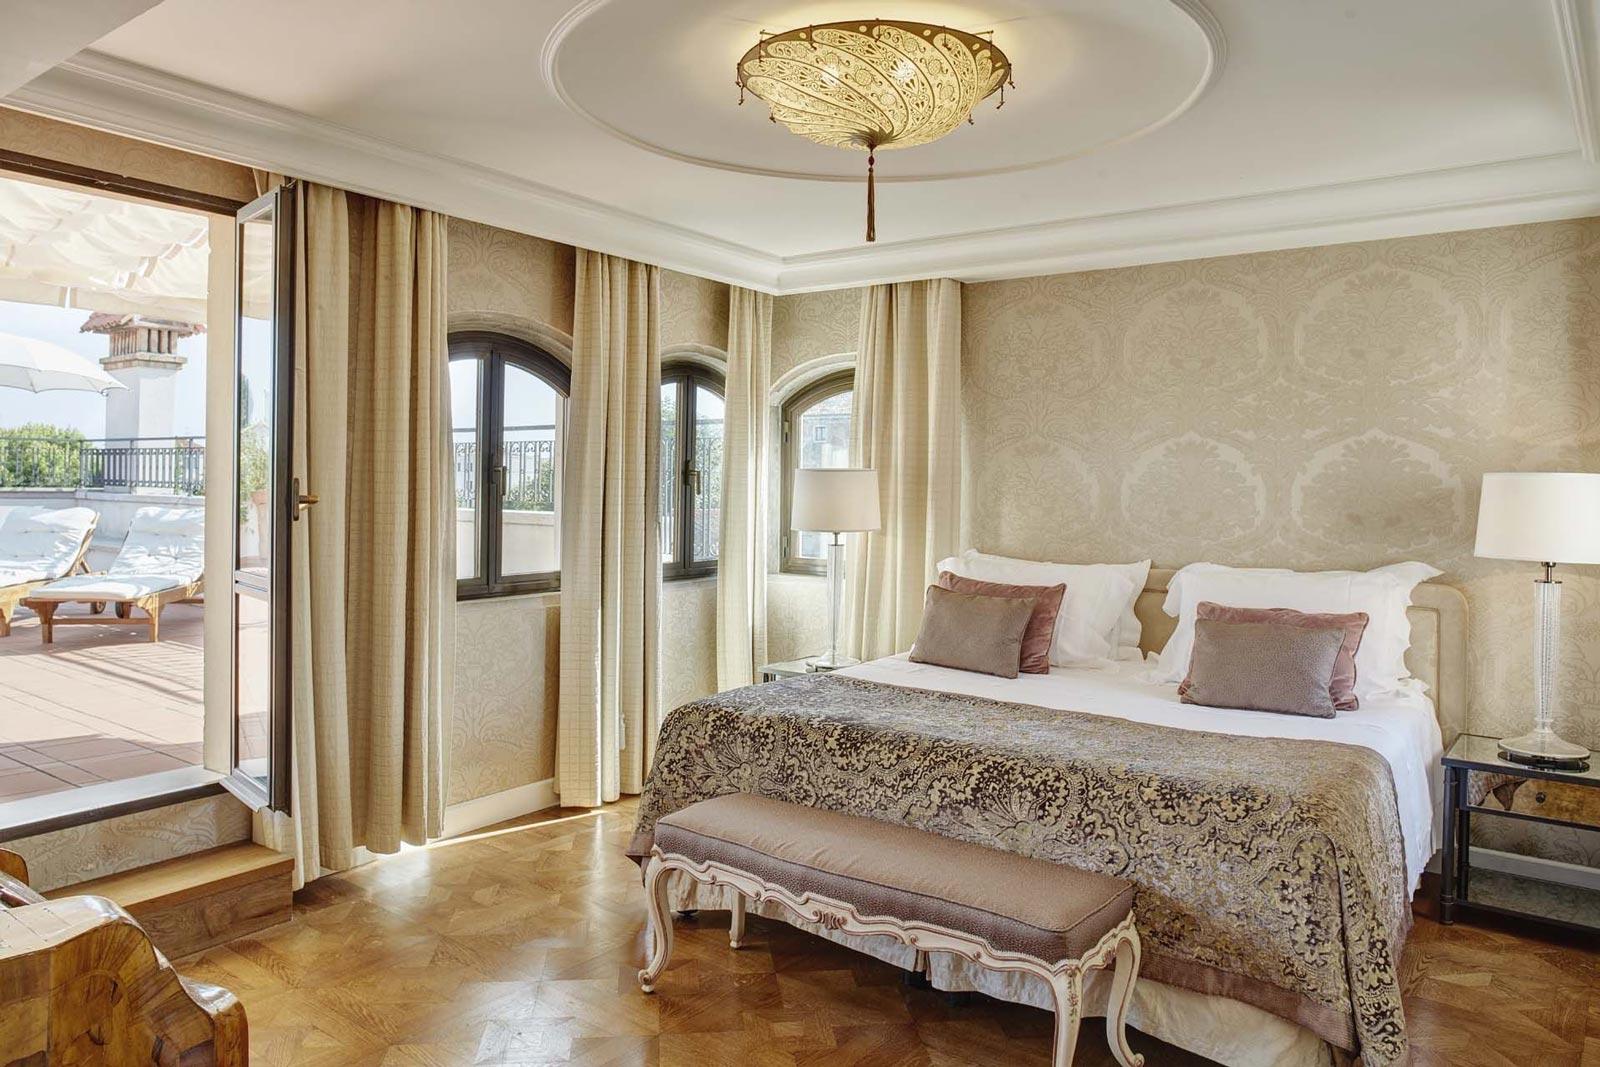 Belmond Hotel Cipriani Fortuny Scudo Saraceno lampada in seta